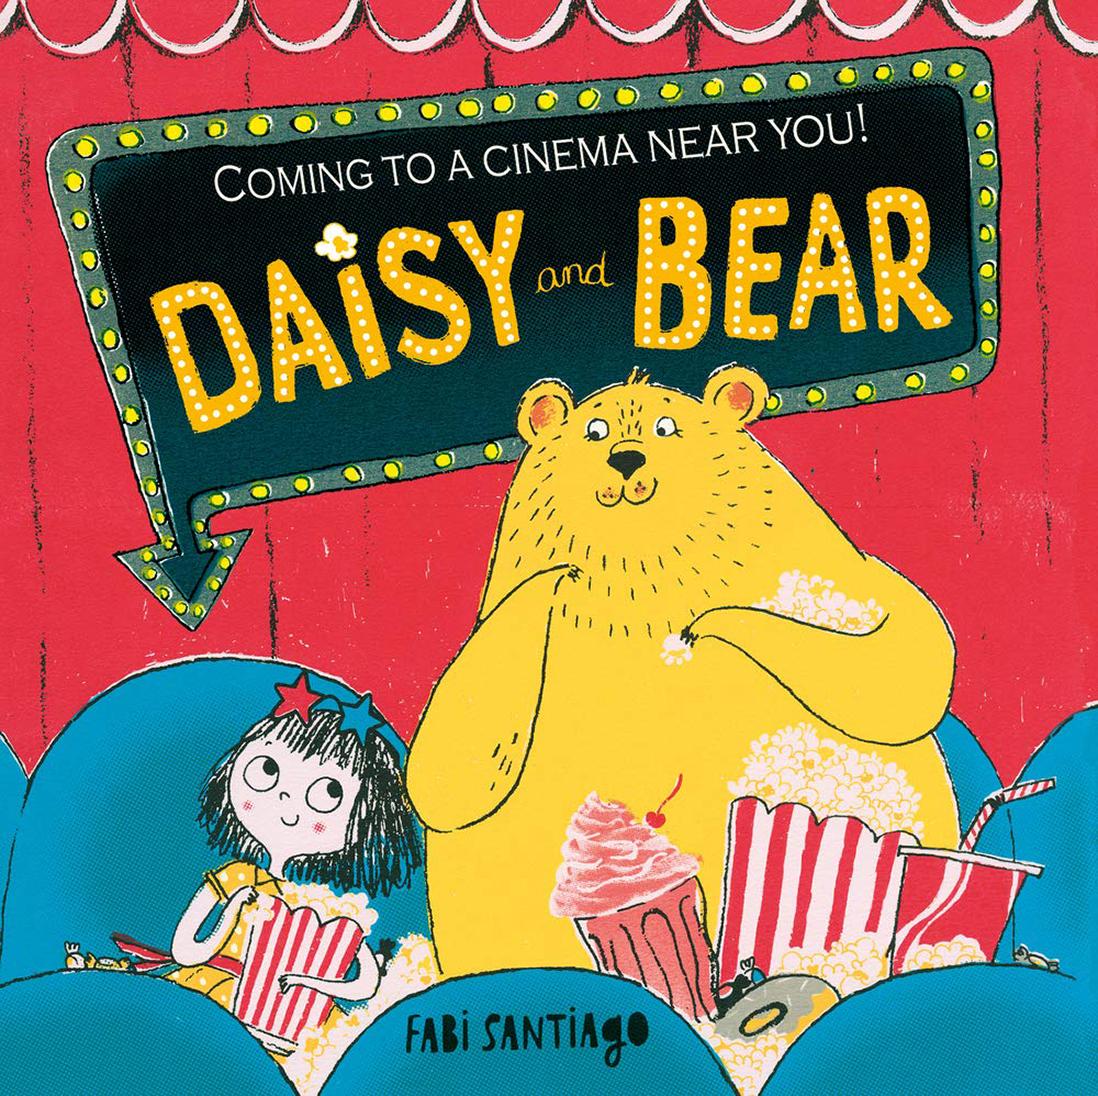 Daisy and Bear